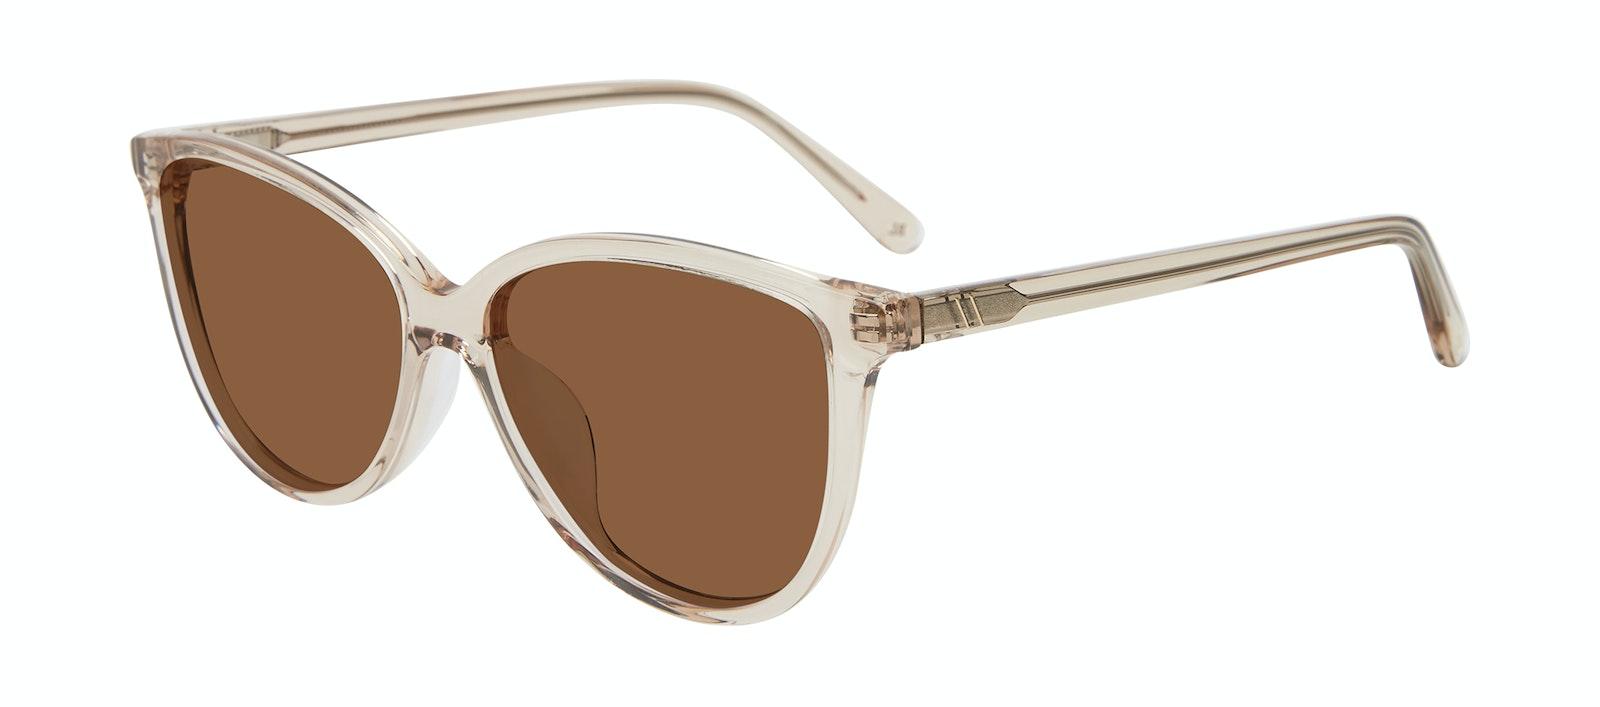 Affordable Fashion Glasses Cat Eye Sunglasses Women Tailor Blond Tilt